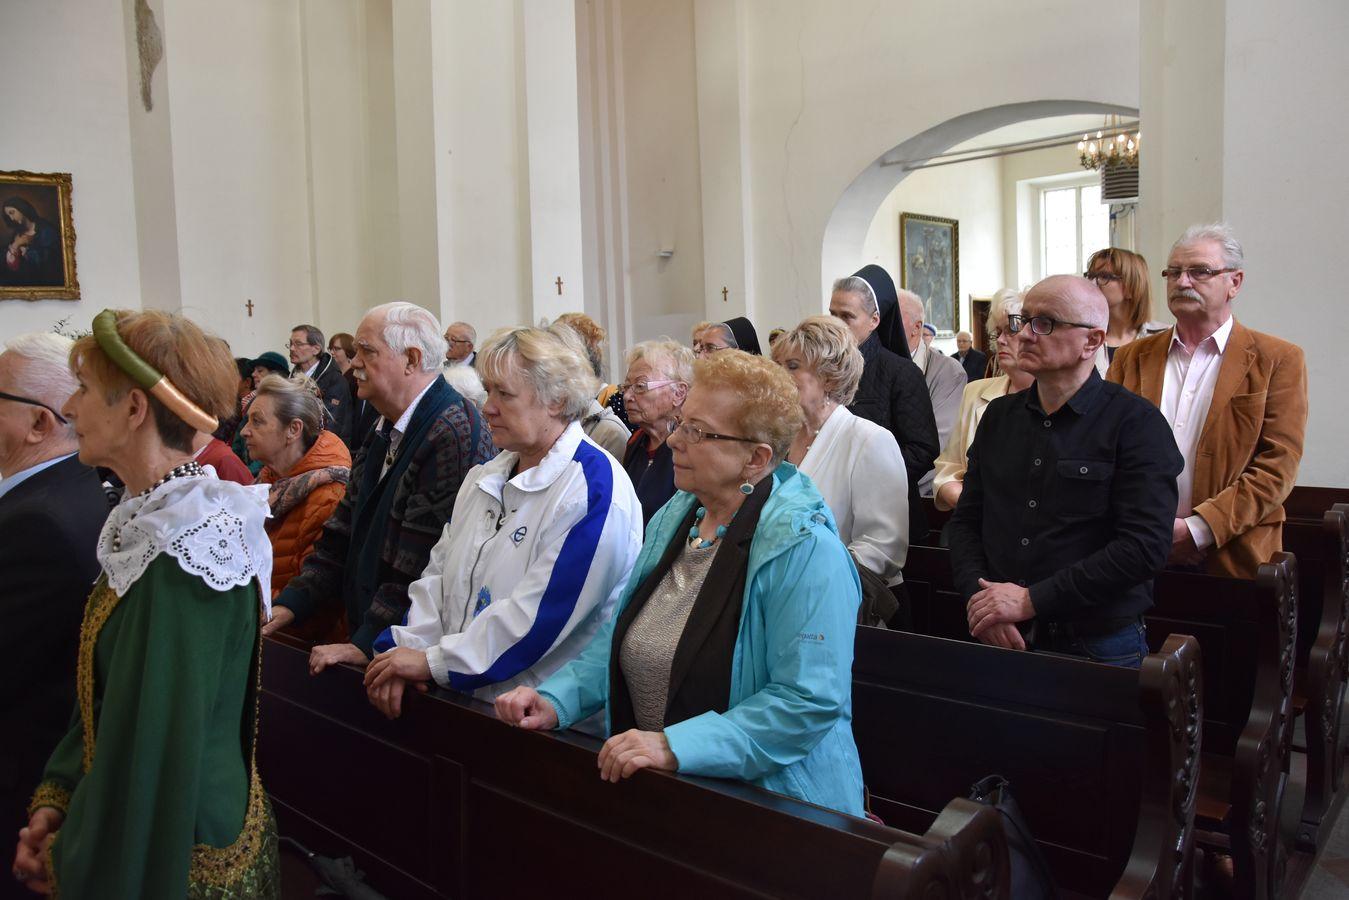 Msza św. w Kaplicy Królewskiej fot. J. Wikowski A31_7095